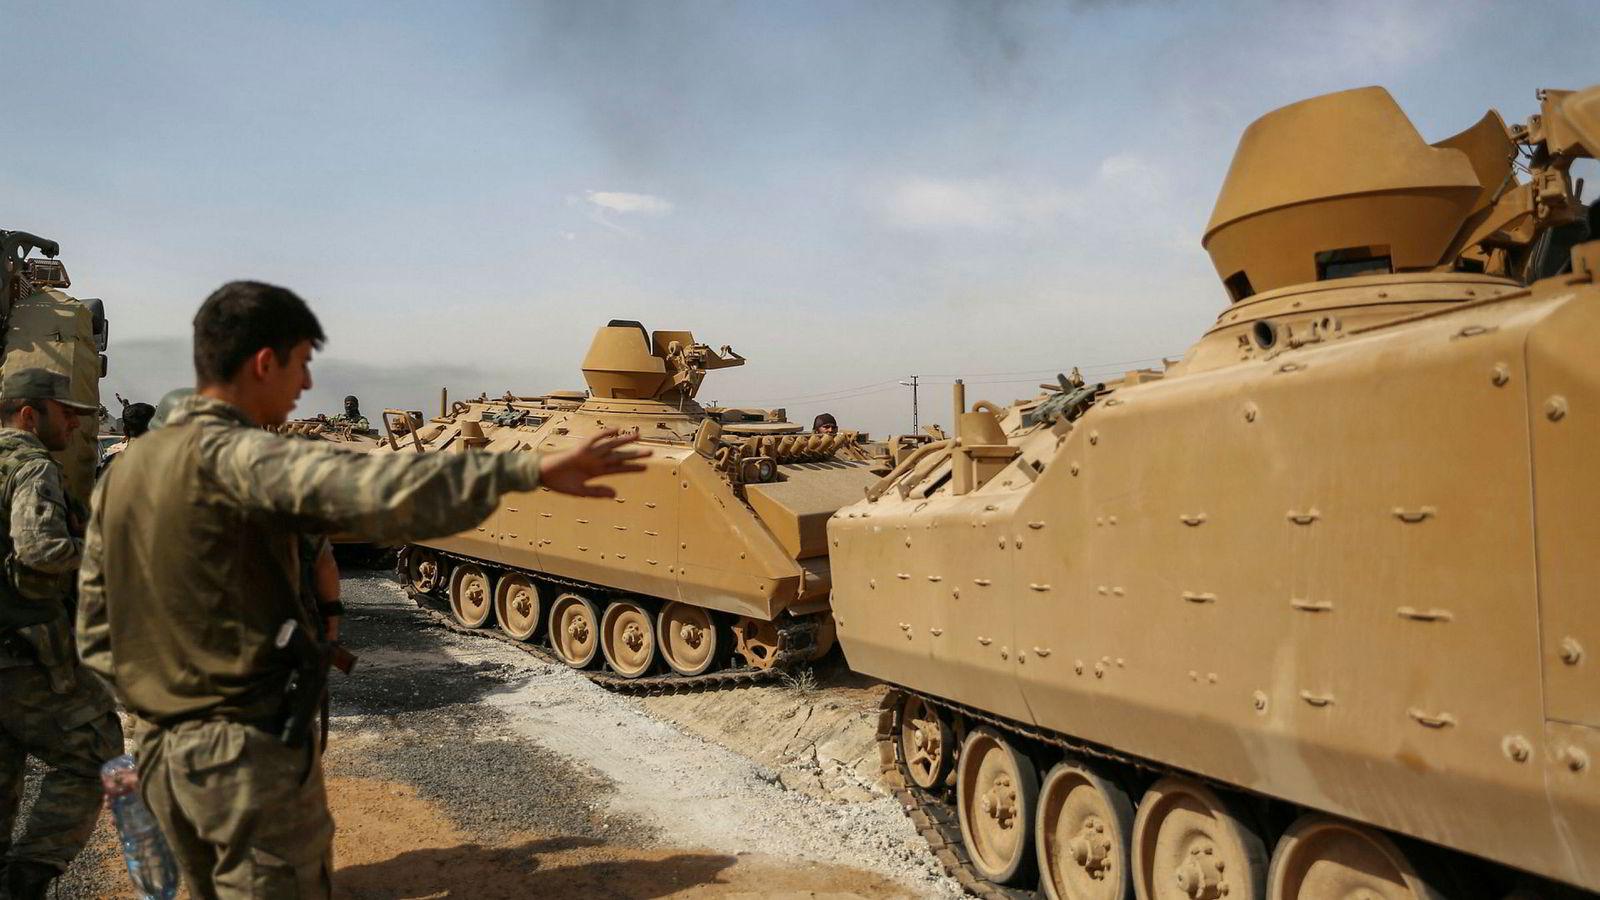 Tyrkias angrep mot kurdisk milits i Syria fortsetter, og tapstallene stiger. Ifølge den tyrkiske forsvarsledelsen skal 342 soldater i den kurdiske YPG-militsen være drept siden offensiven startet onsdag ettermiddag.